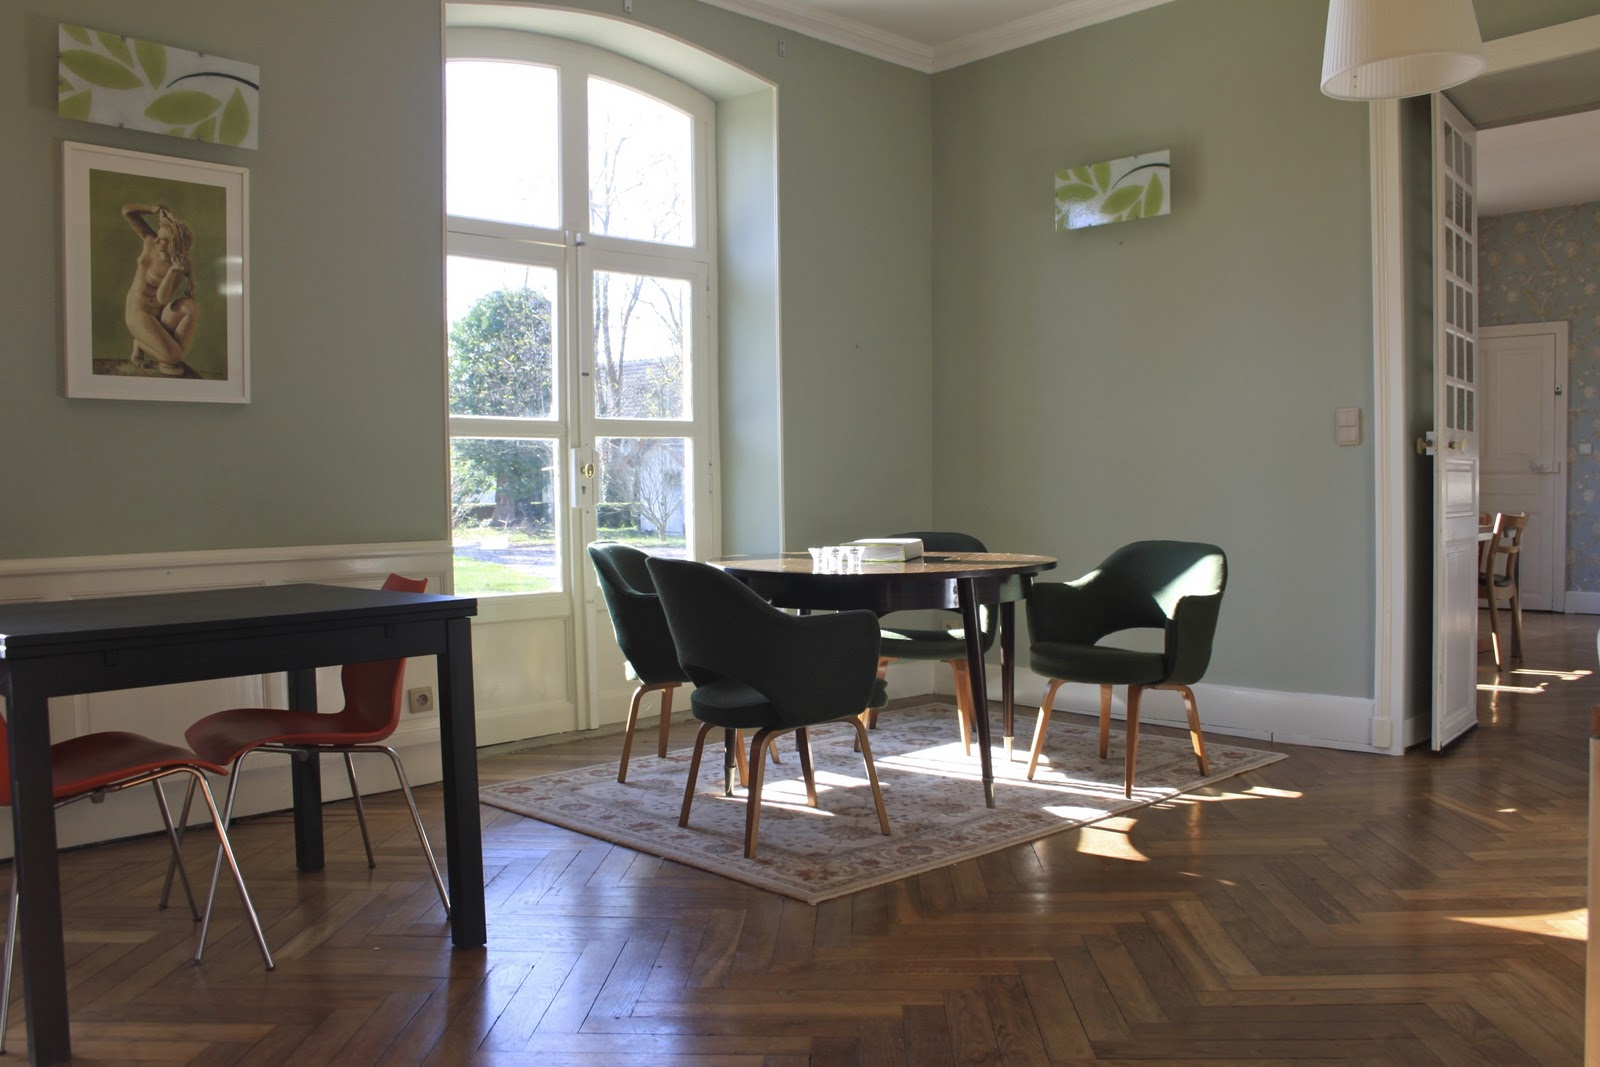 Eetkamer decoratie cool luxe eetkamer met mooie decoratie en